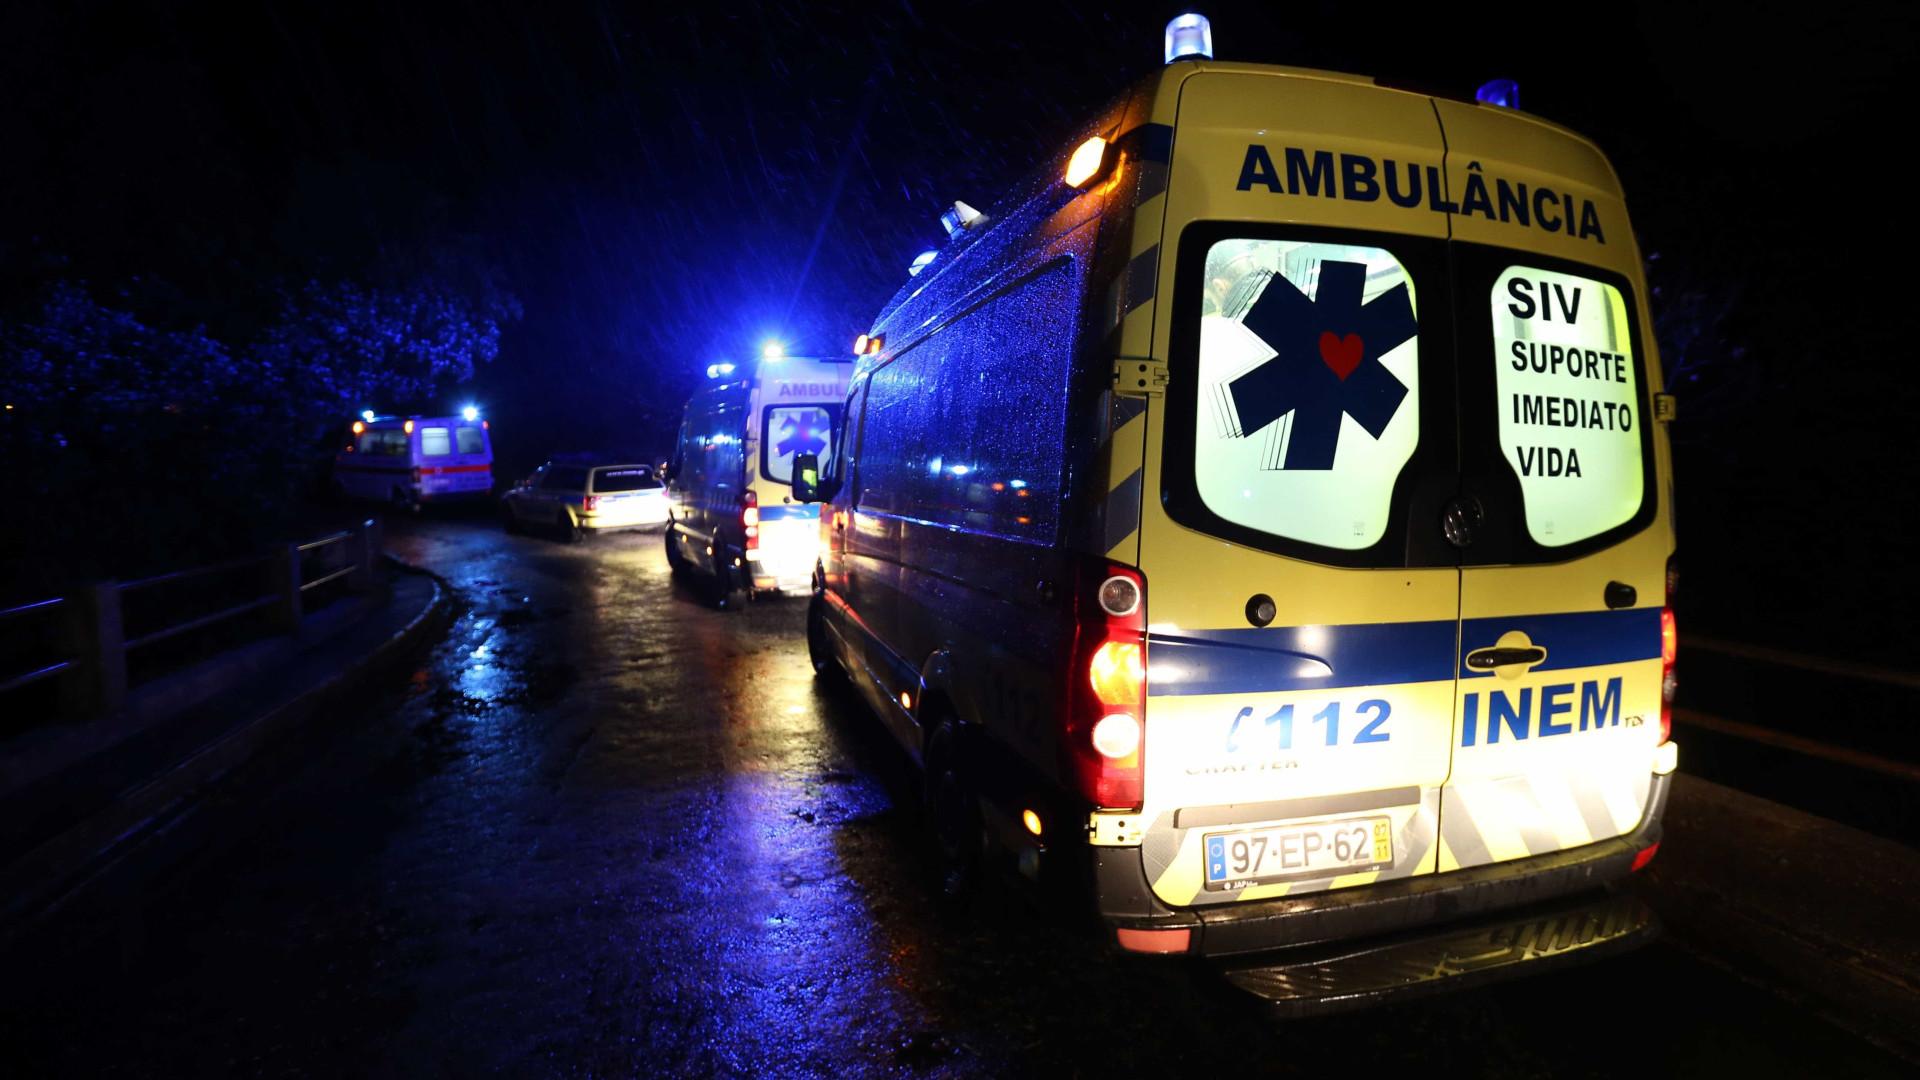 INEM conclui instalação da rede SIRESP em hospitais